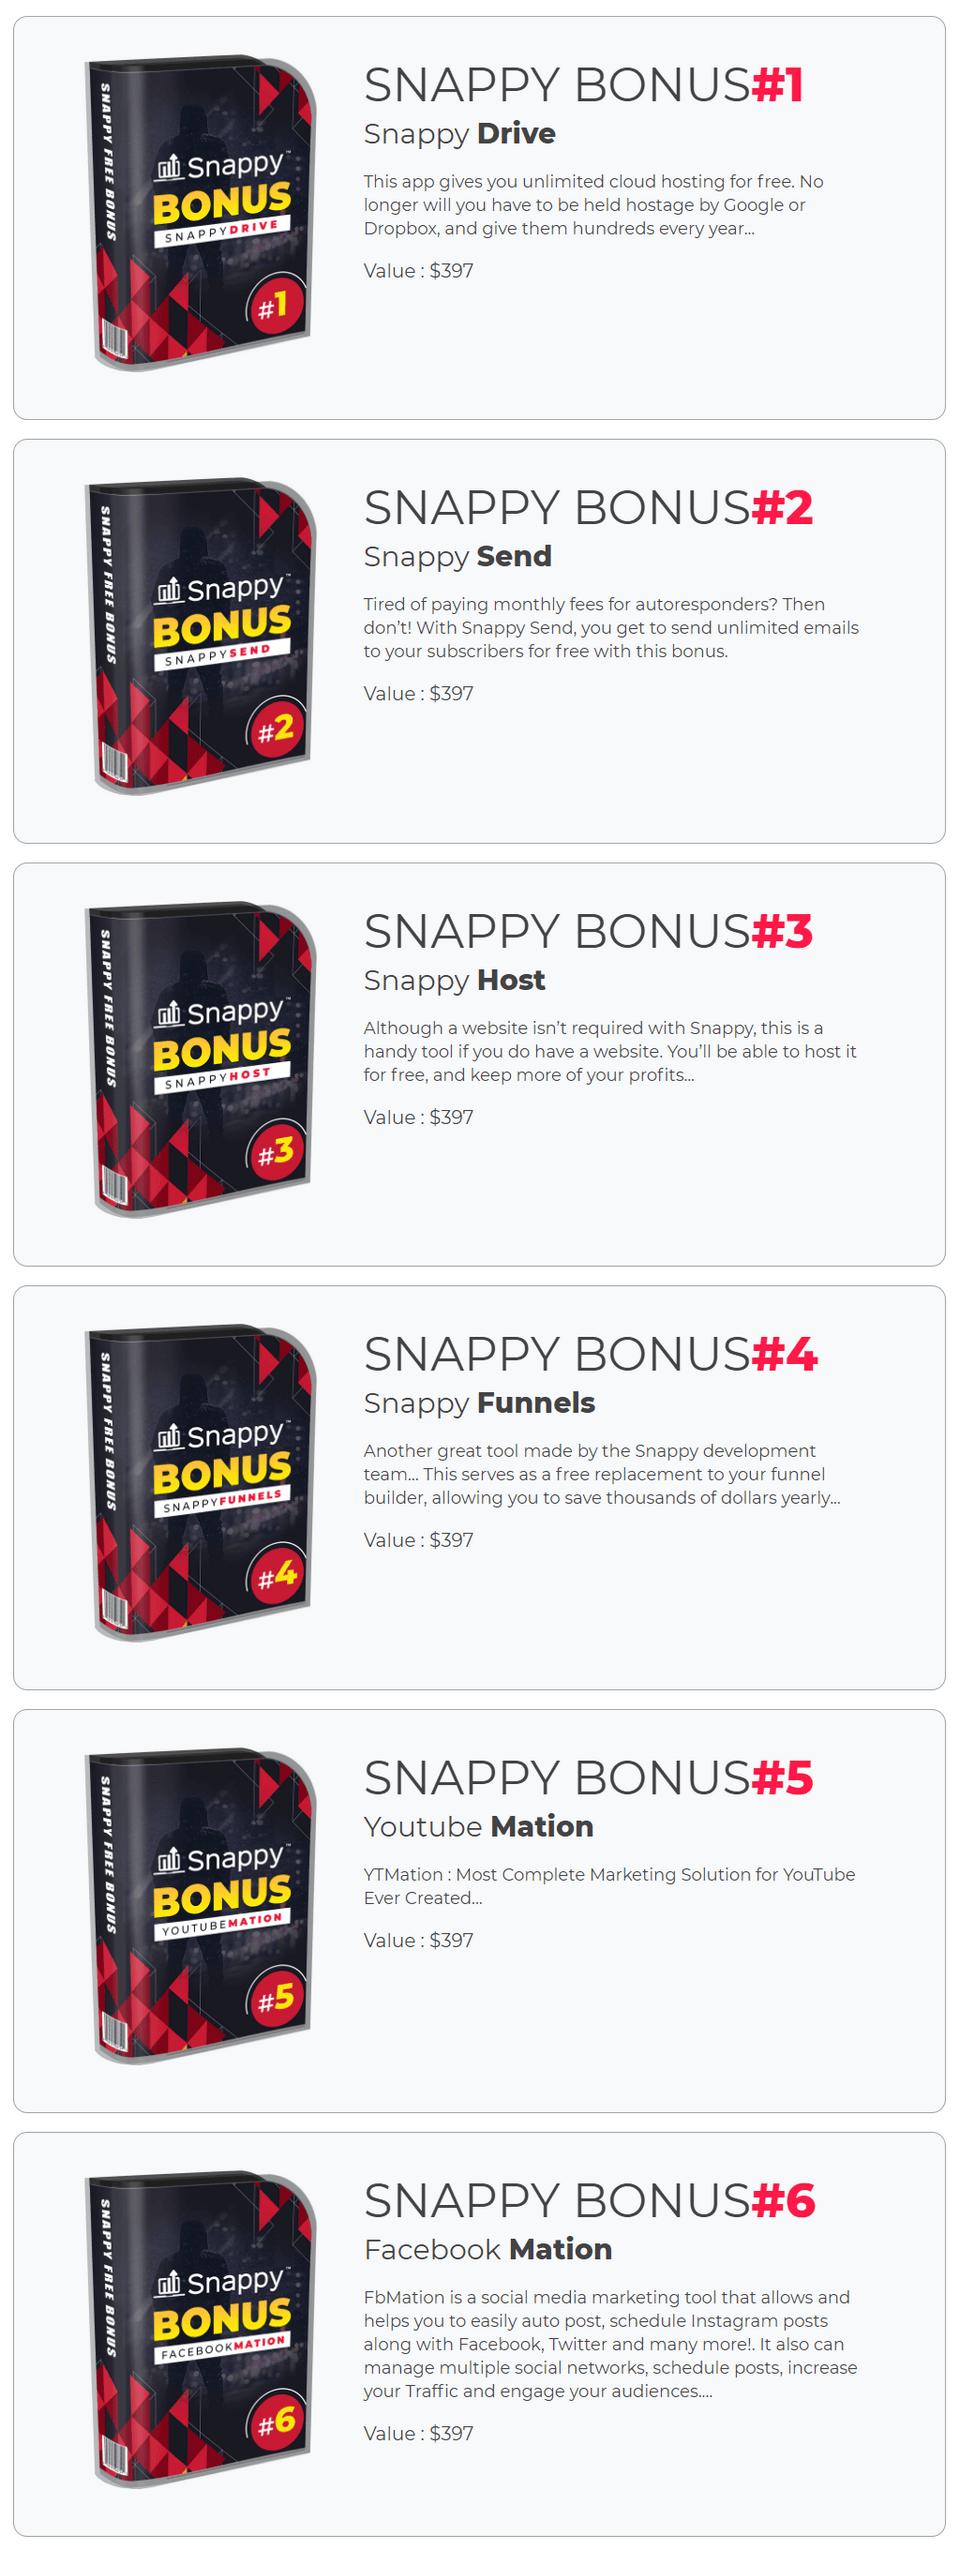 Snappy-bonus